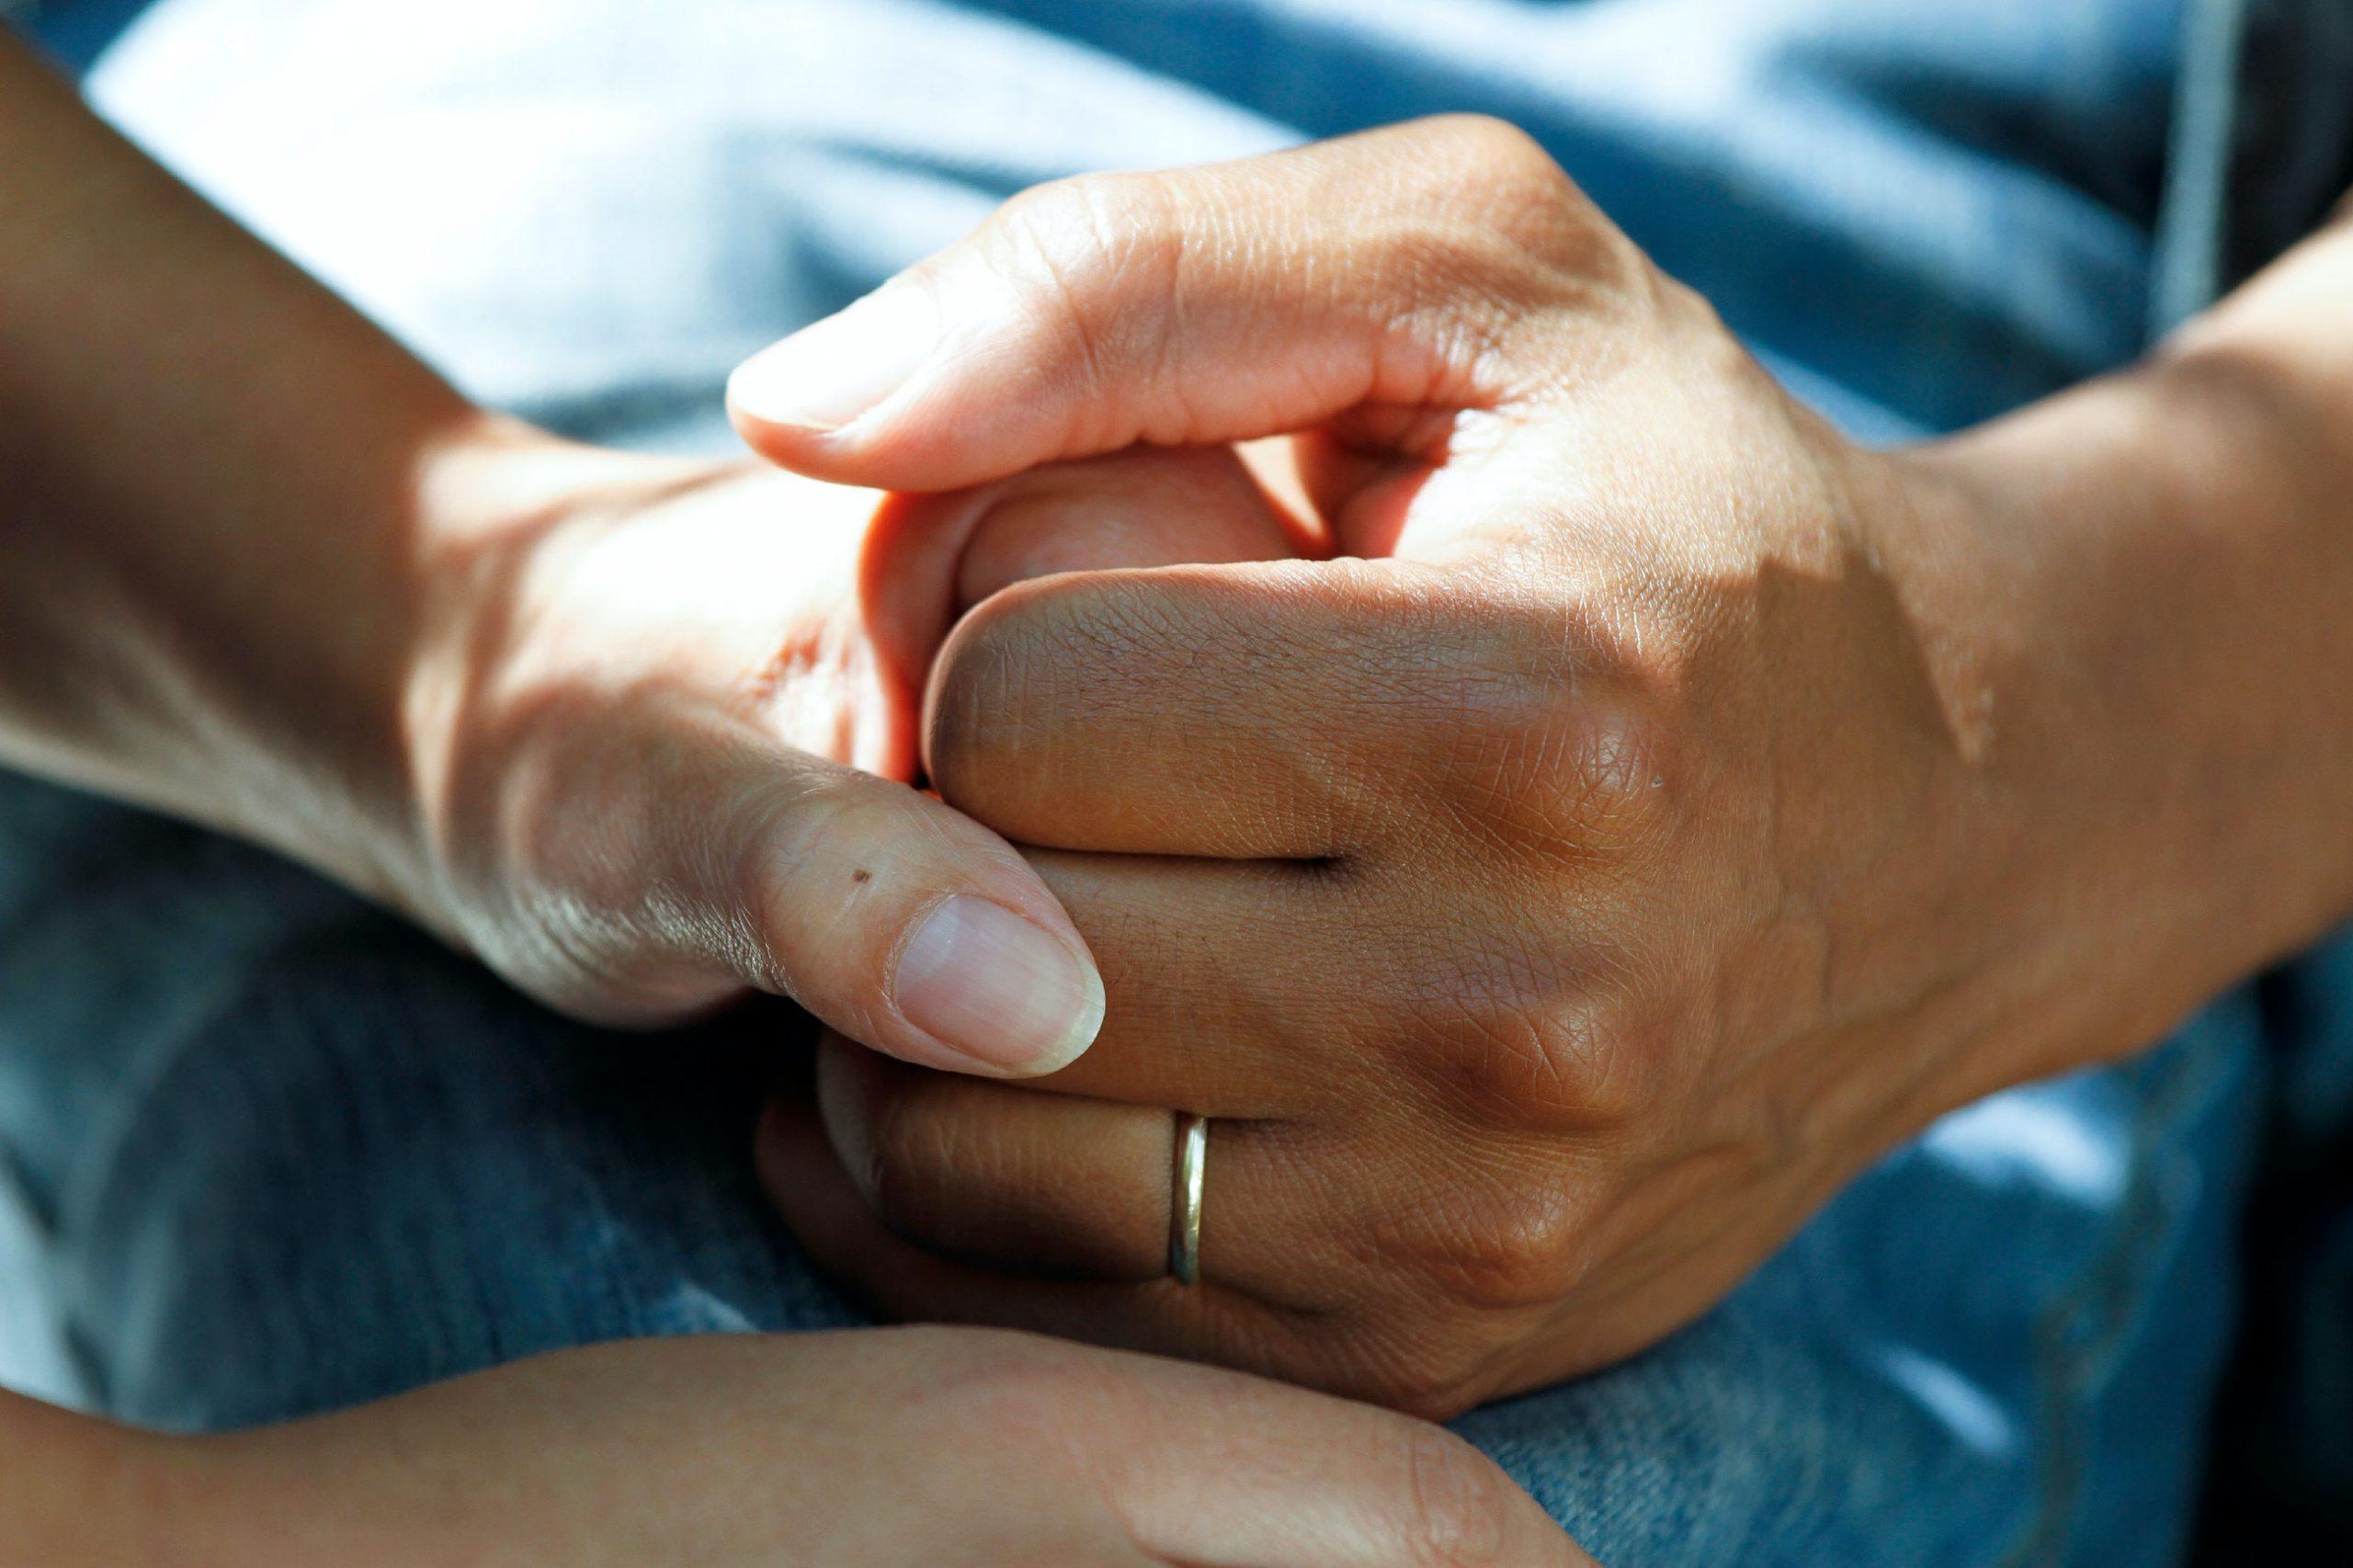 Днес е Световният ден за безопасност на пациента